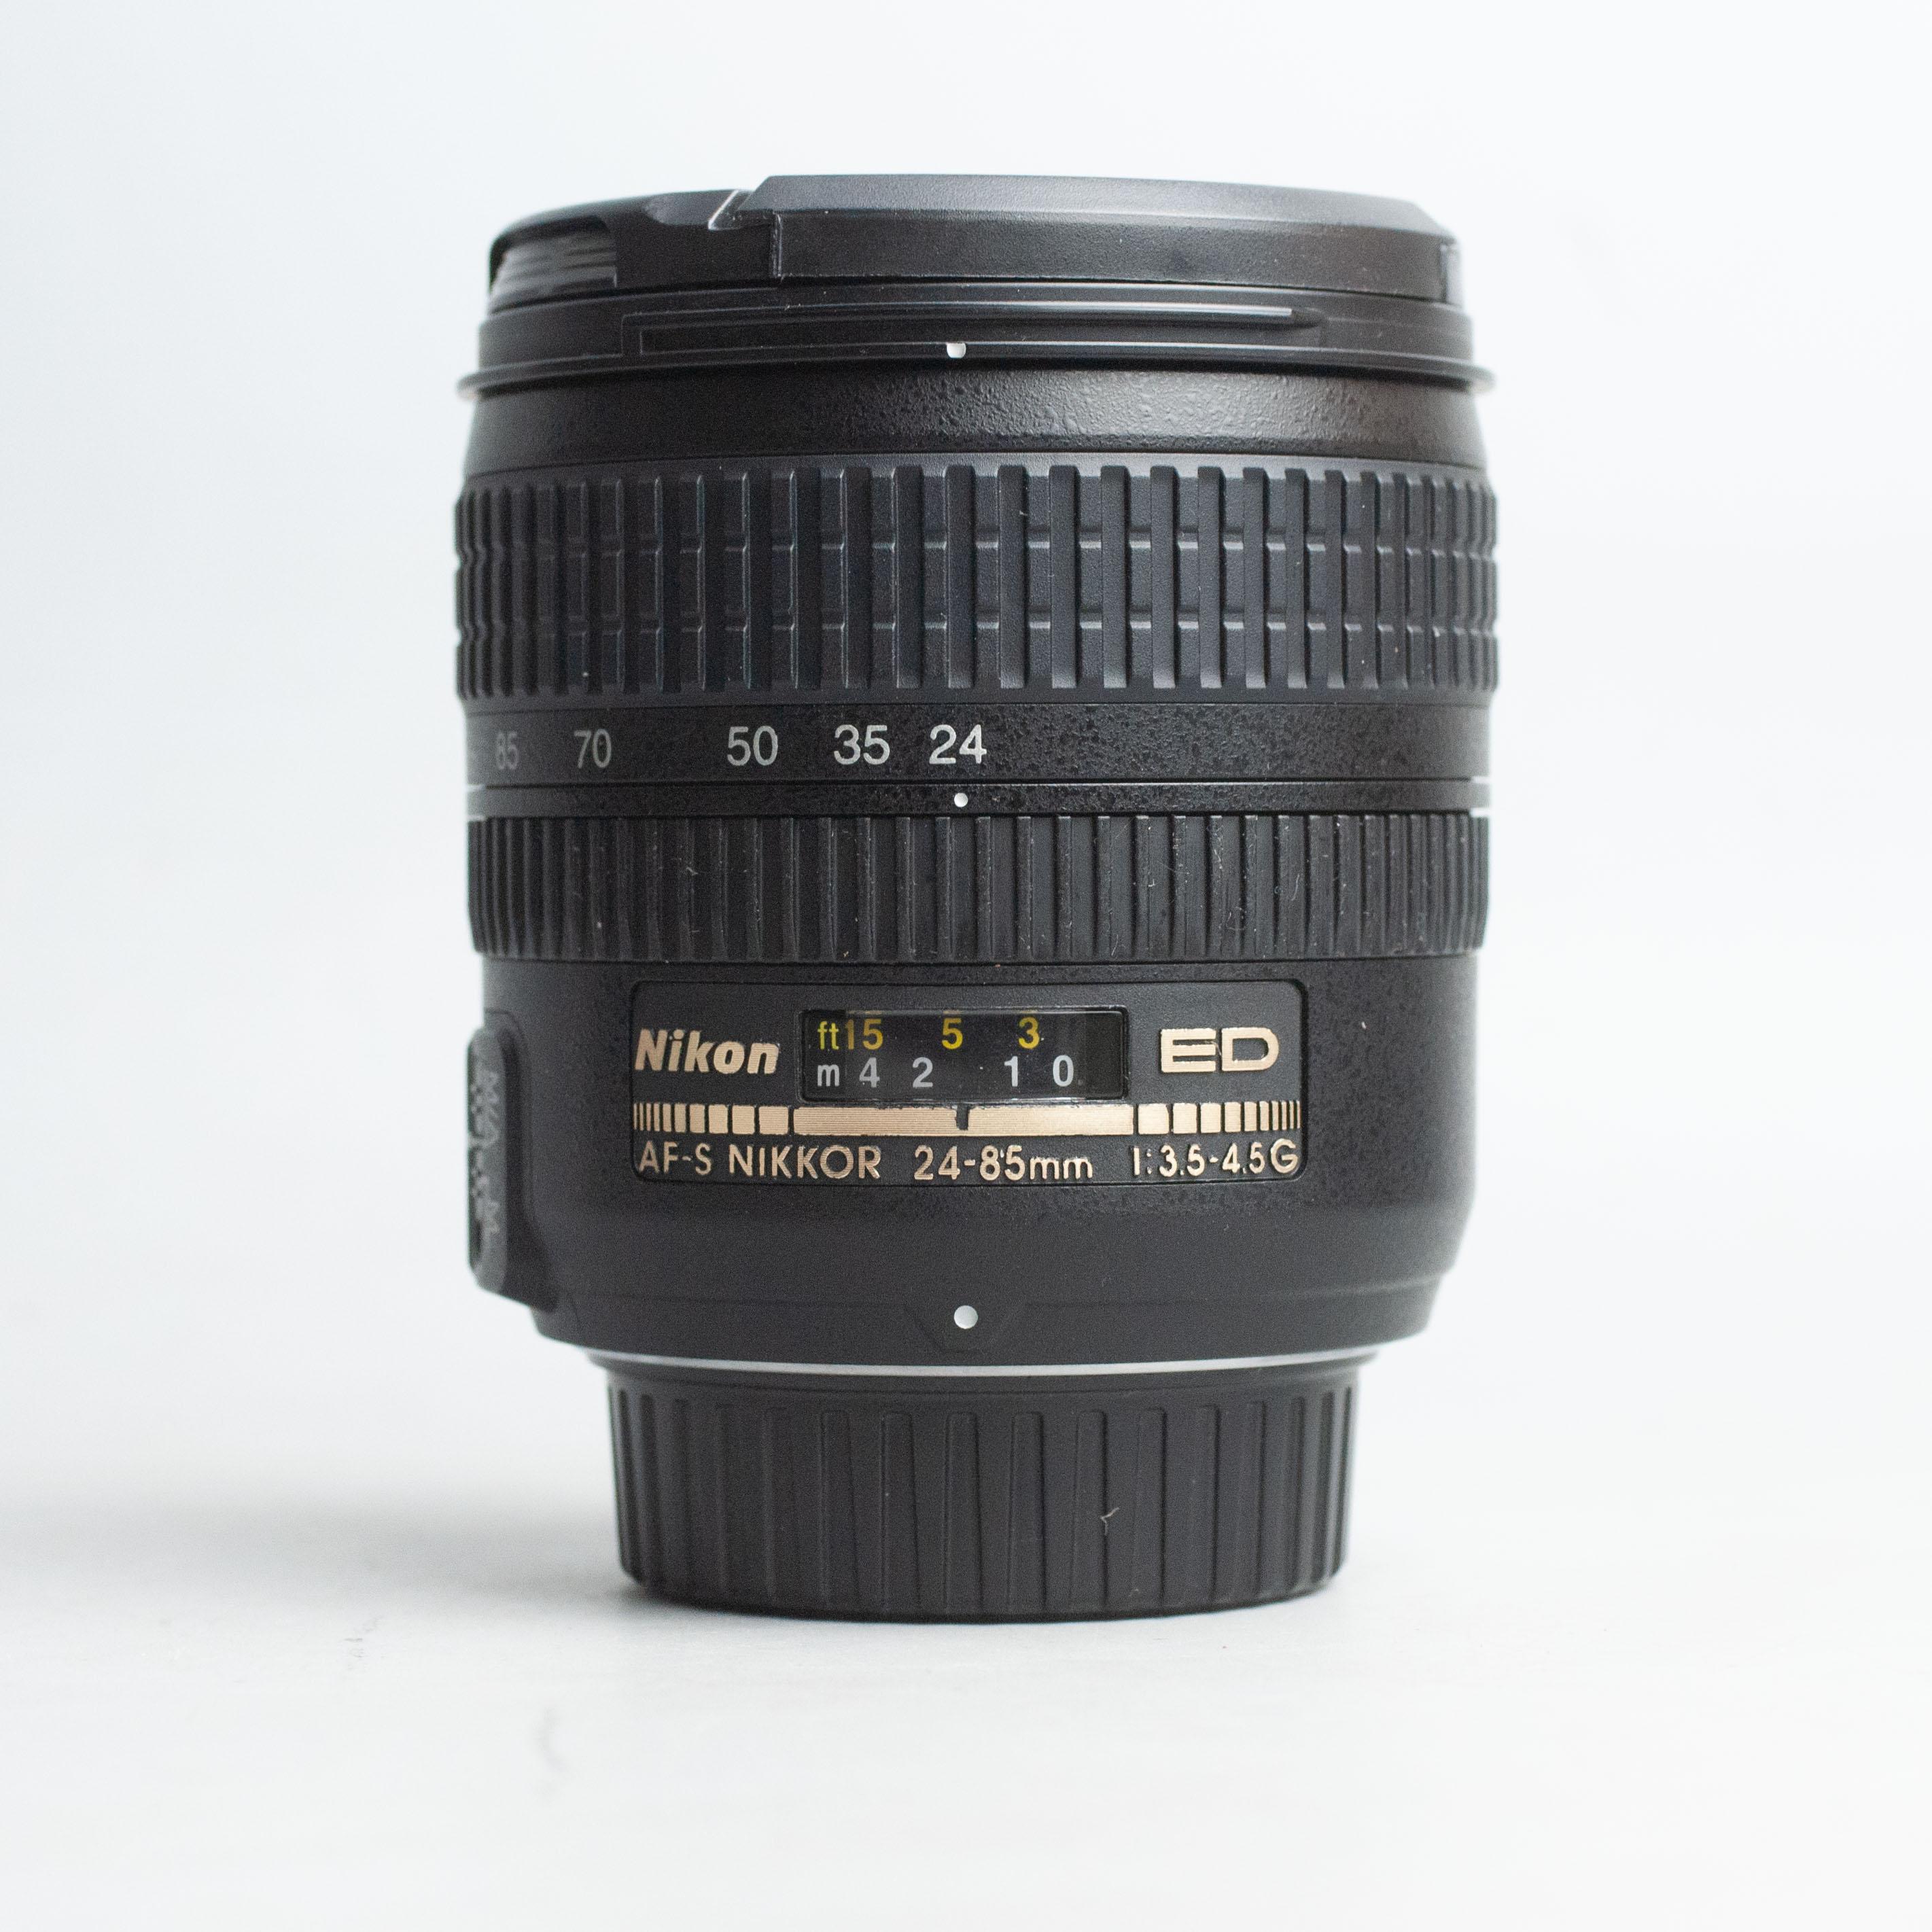 nikon-24-85mm-f3-5-4-5-af-s-24-85-3-5-4-5-18524